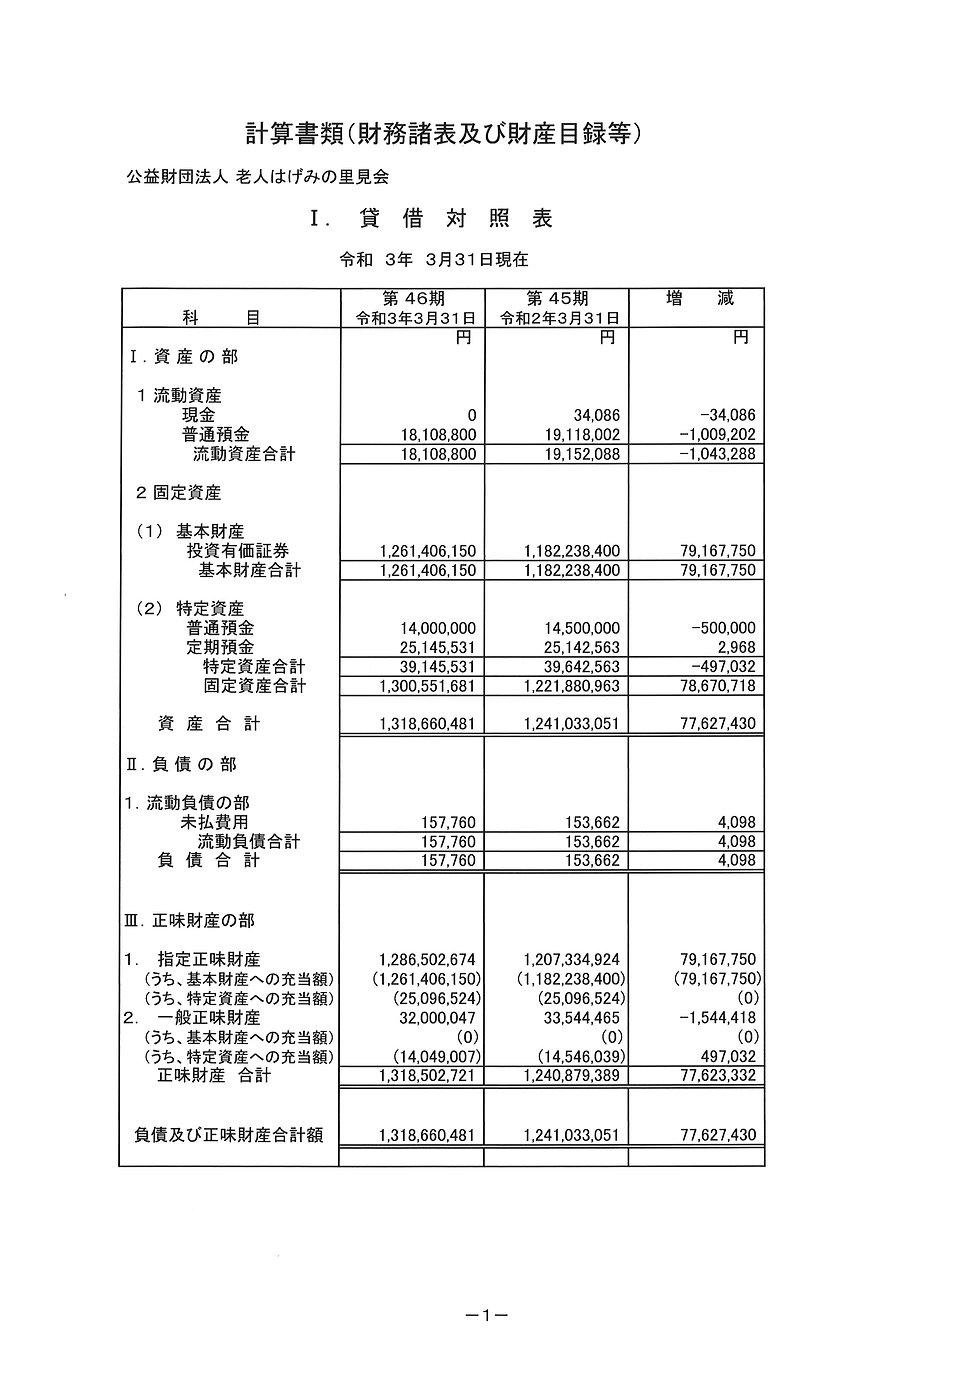 貸借対照表 R3.3.31.jpg